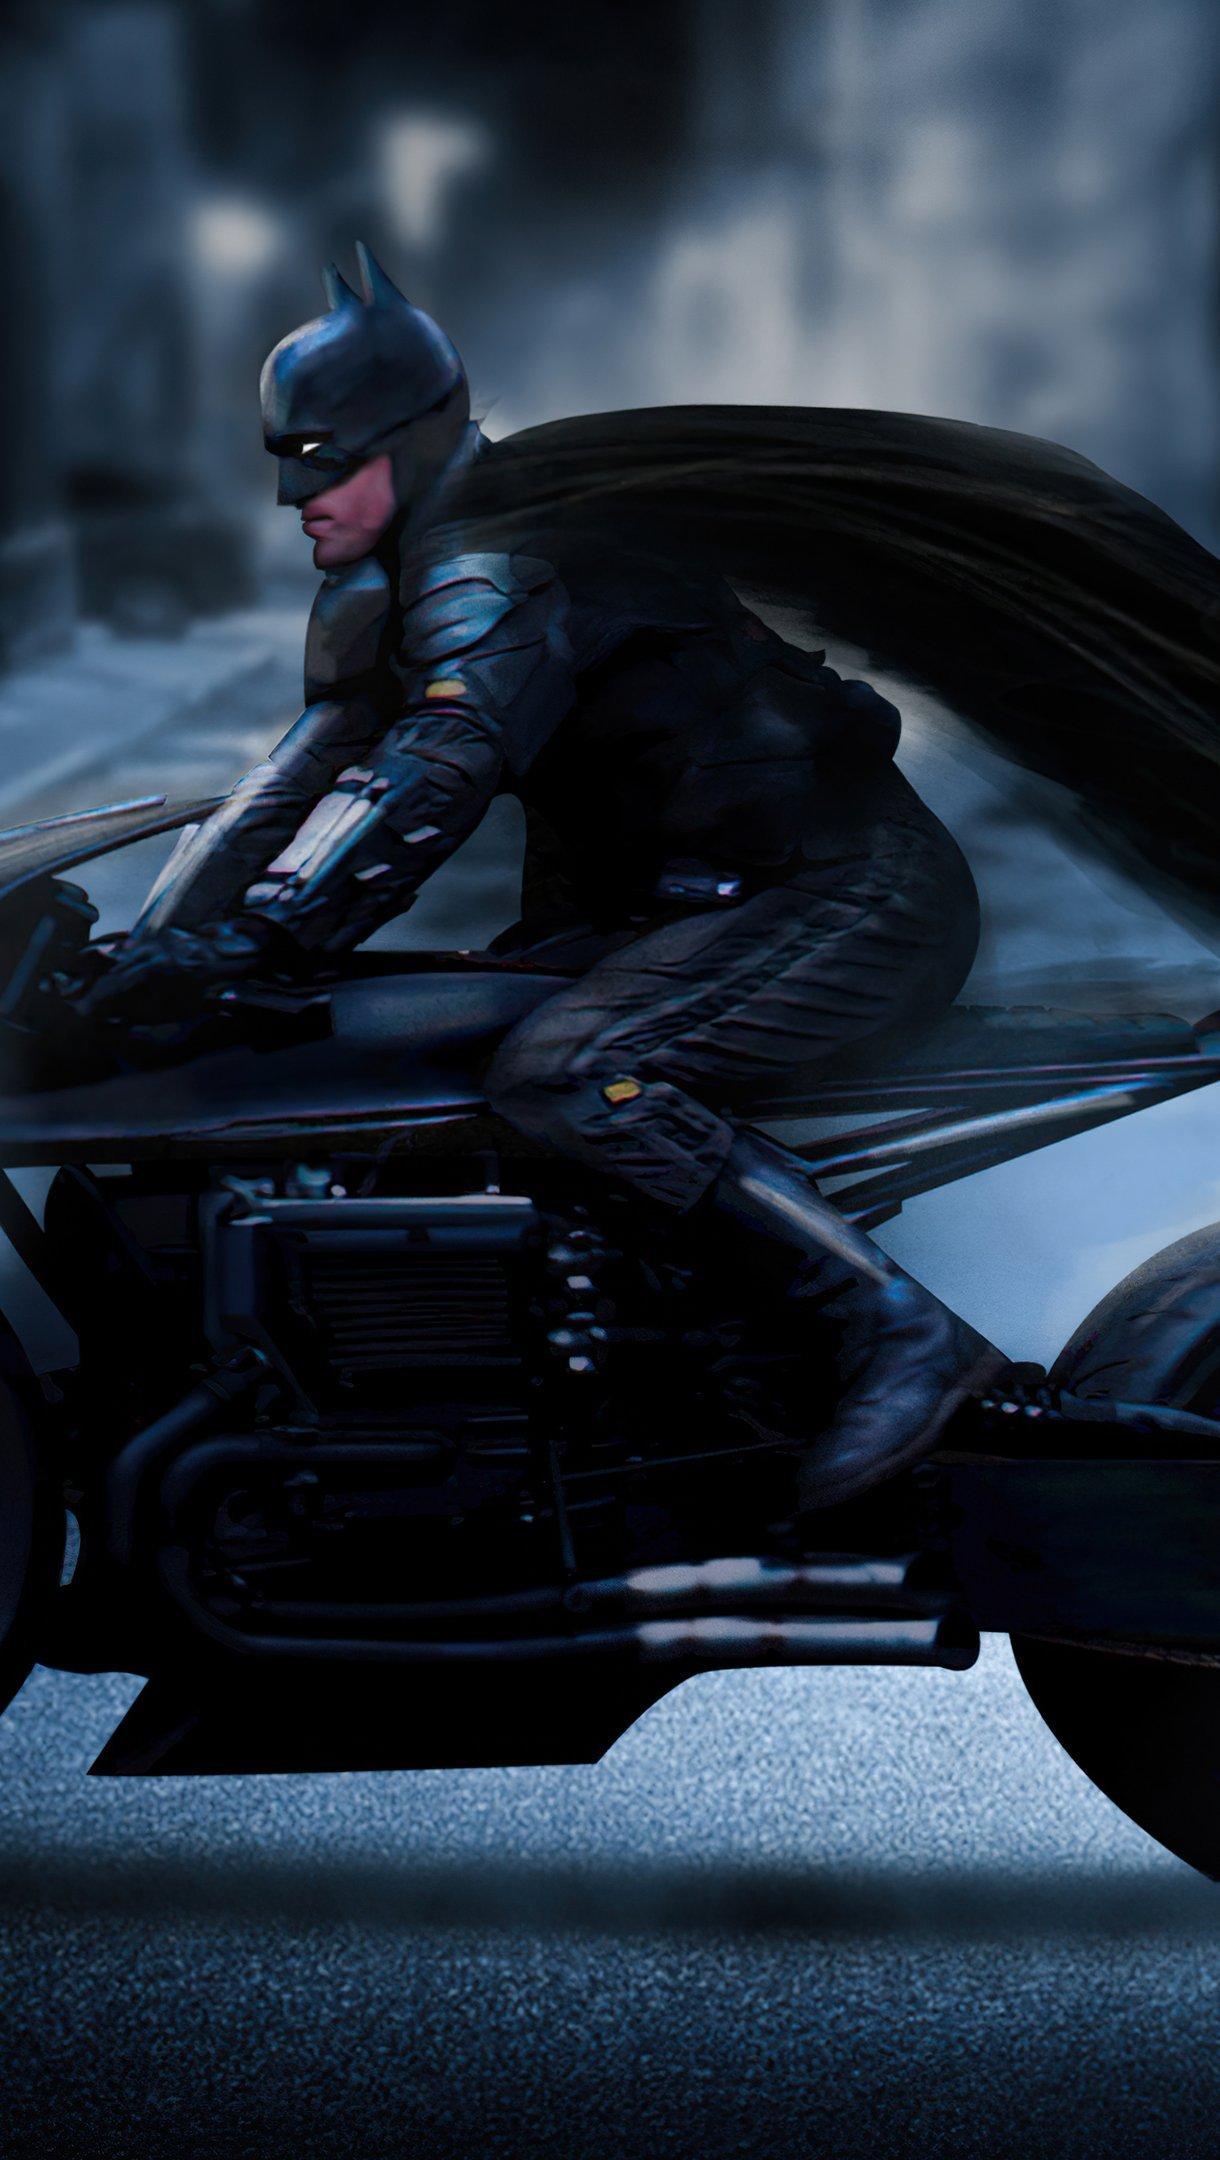 Fondos de pantalla Batman en Batimoto Fanart Vertical